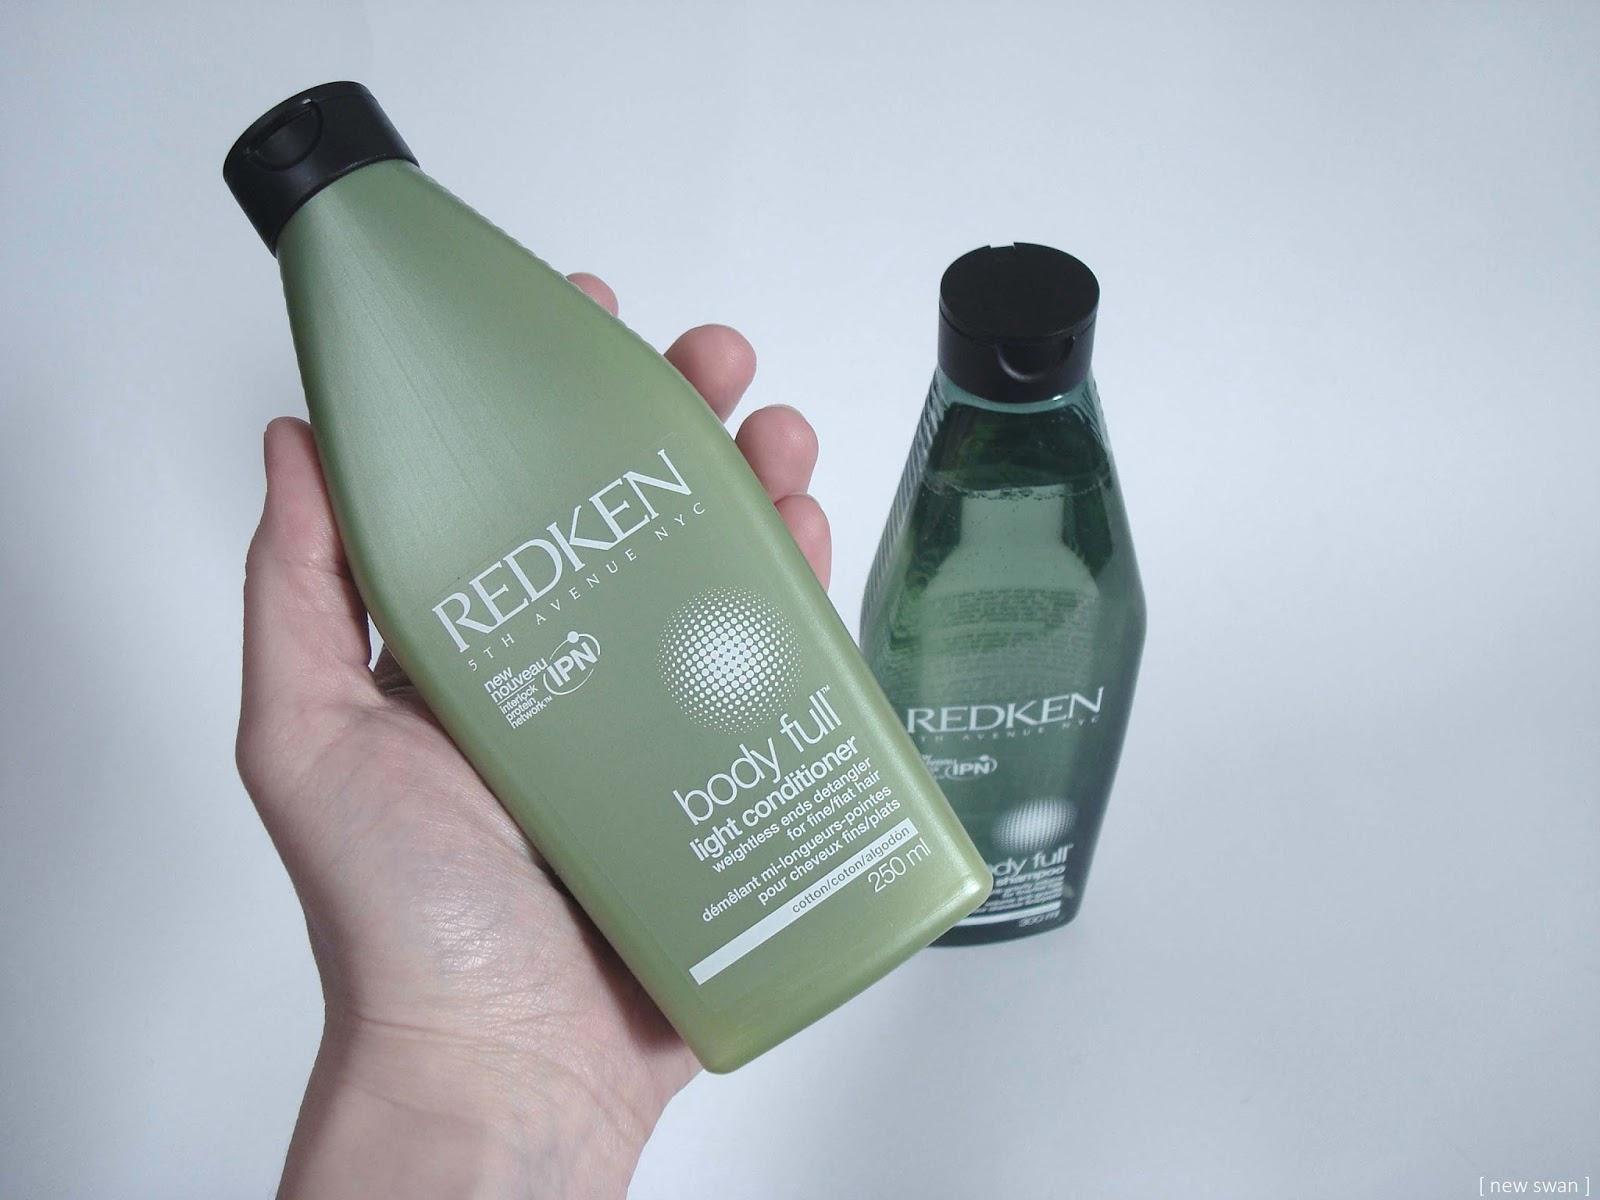 Redken body full shampoo & light conditioner